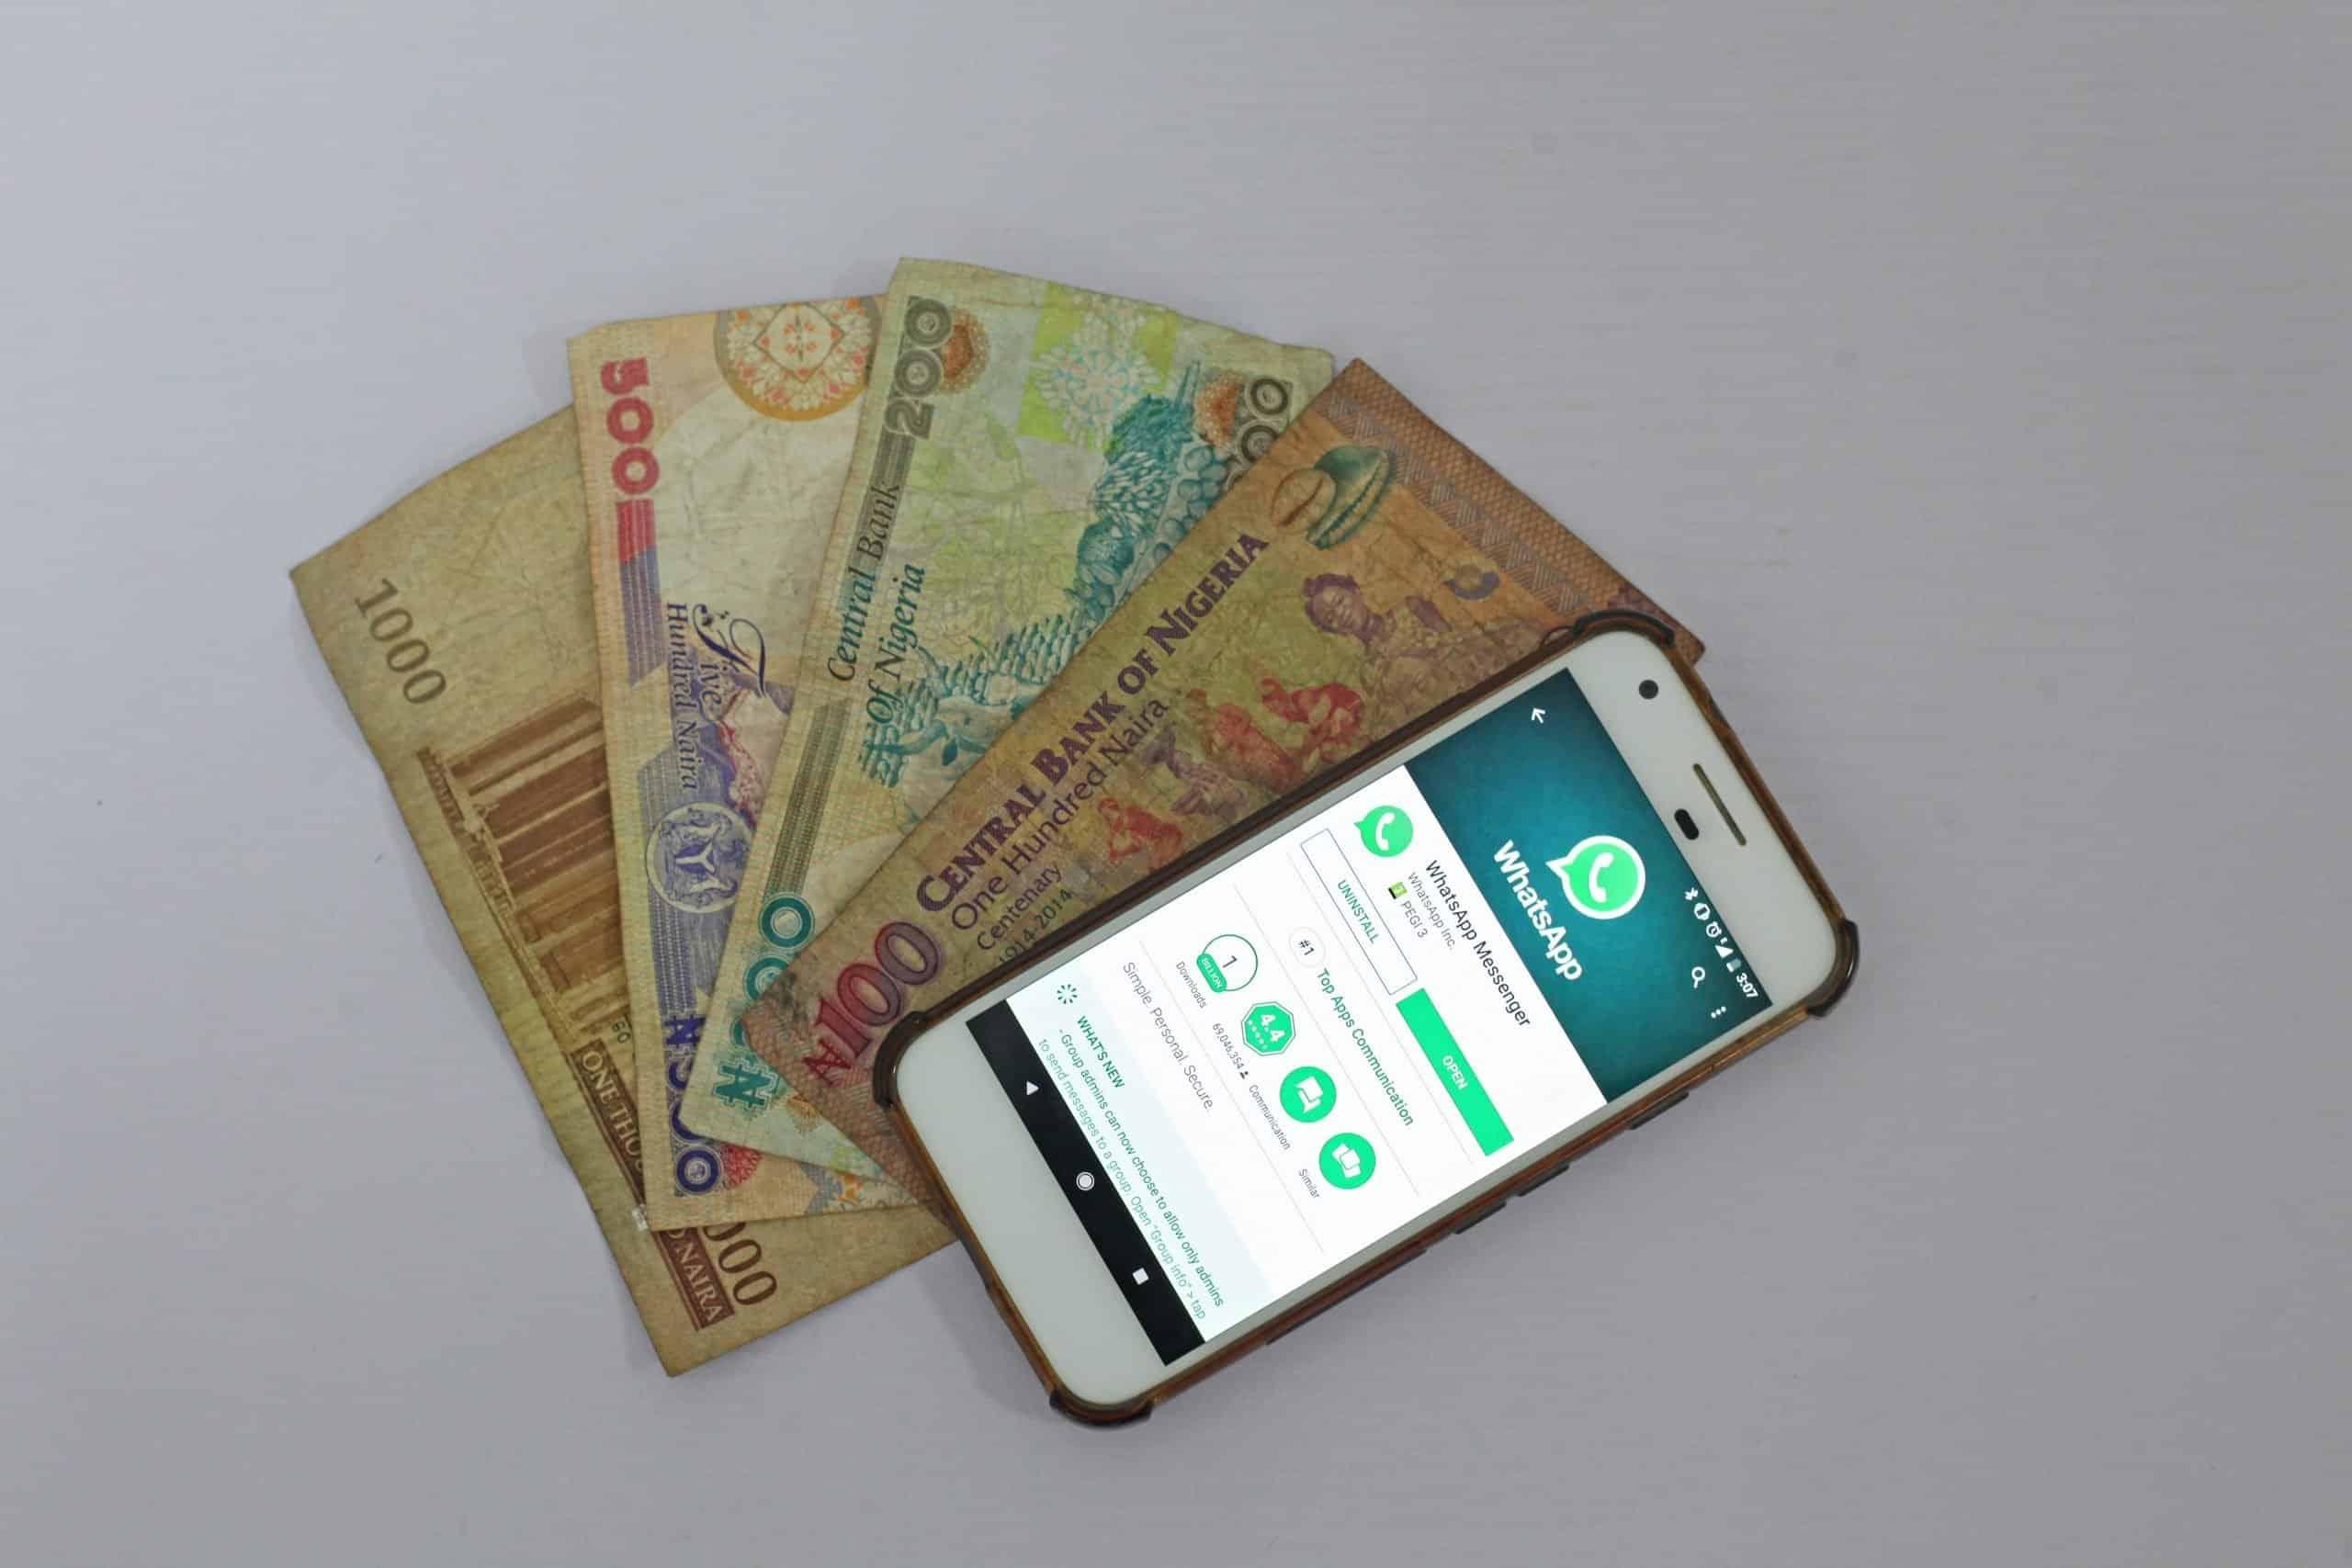 câștigați bani pe Internet fără plăți de investiții